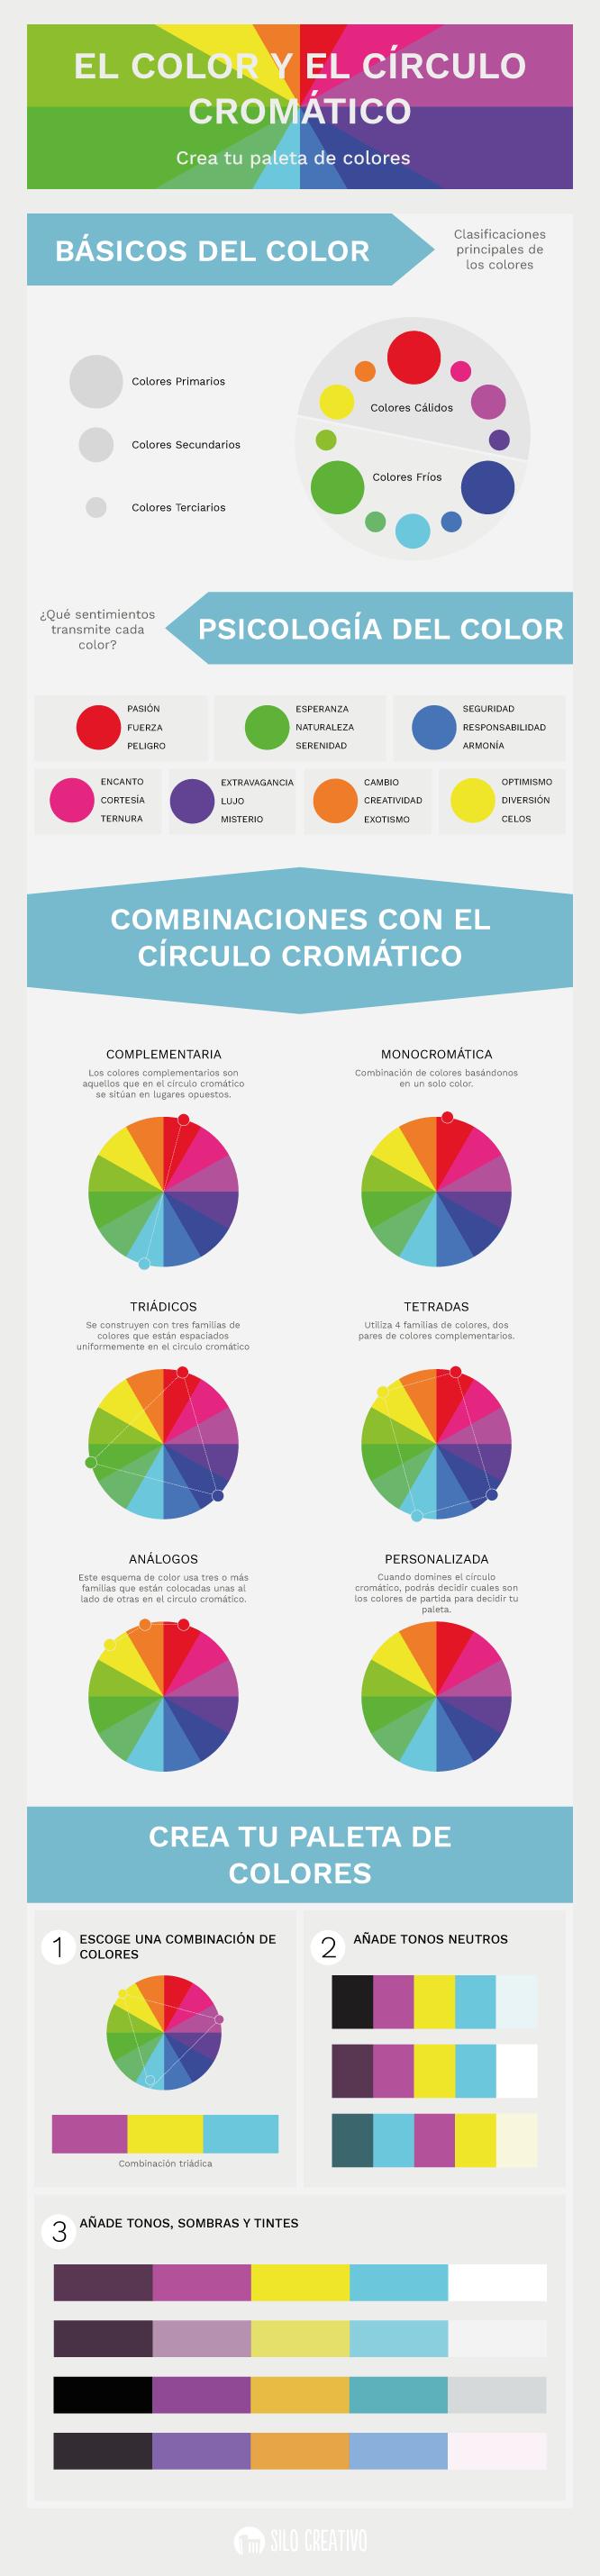 El color y el círculo cromático